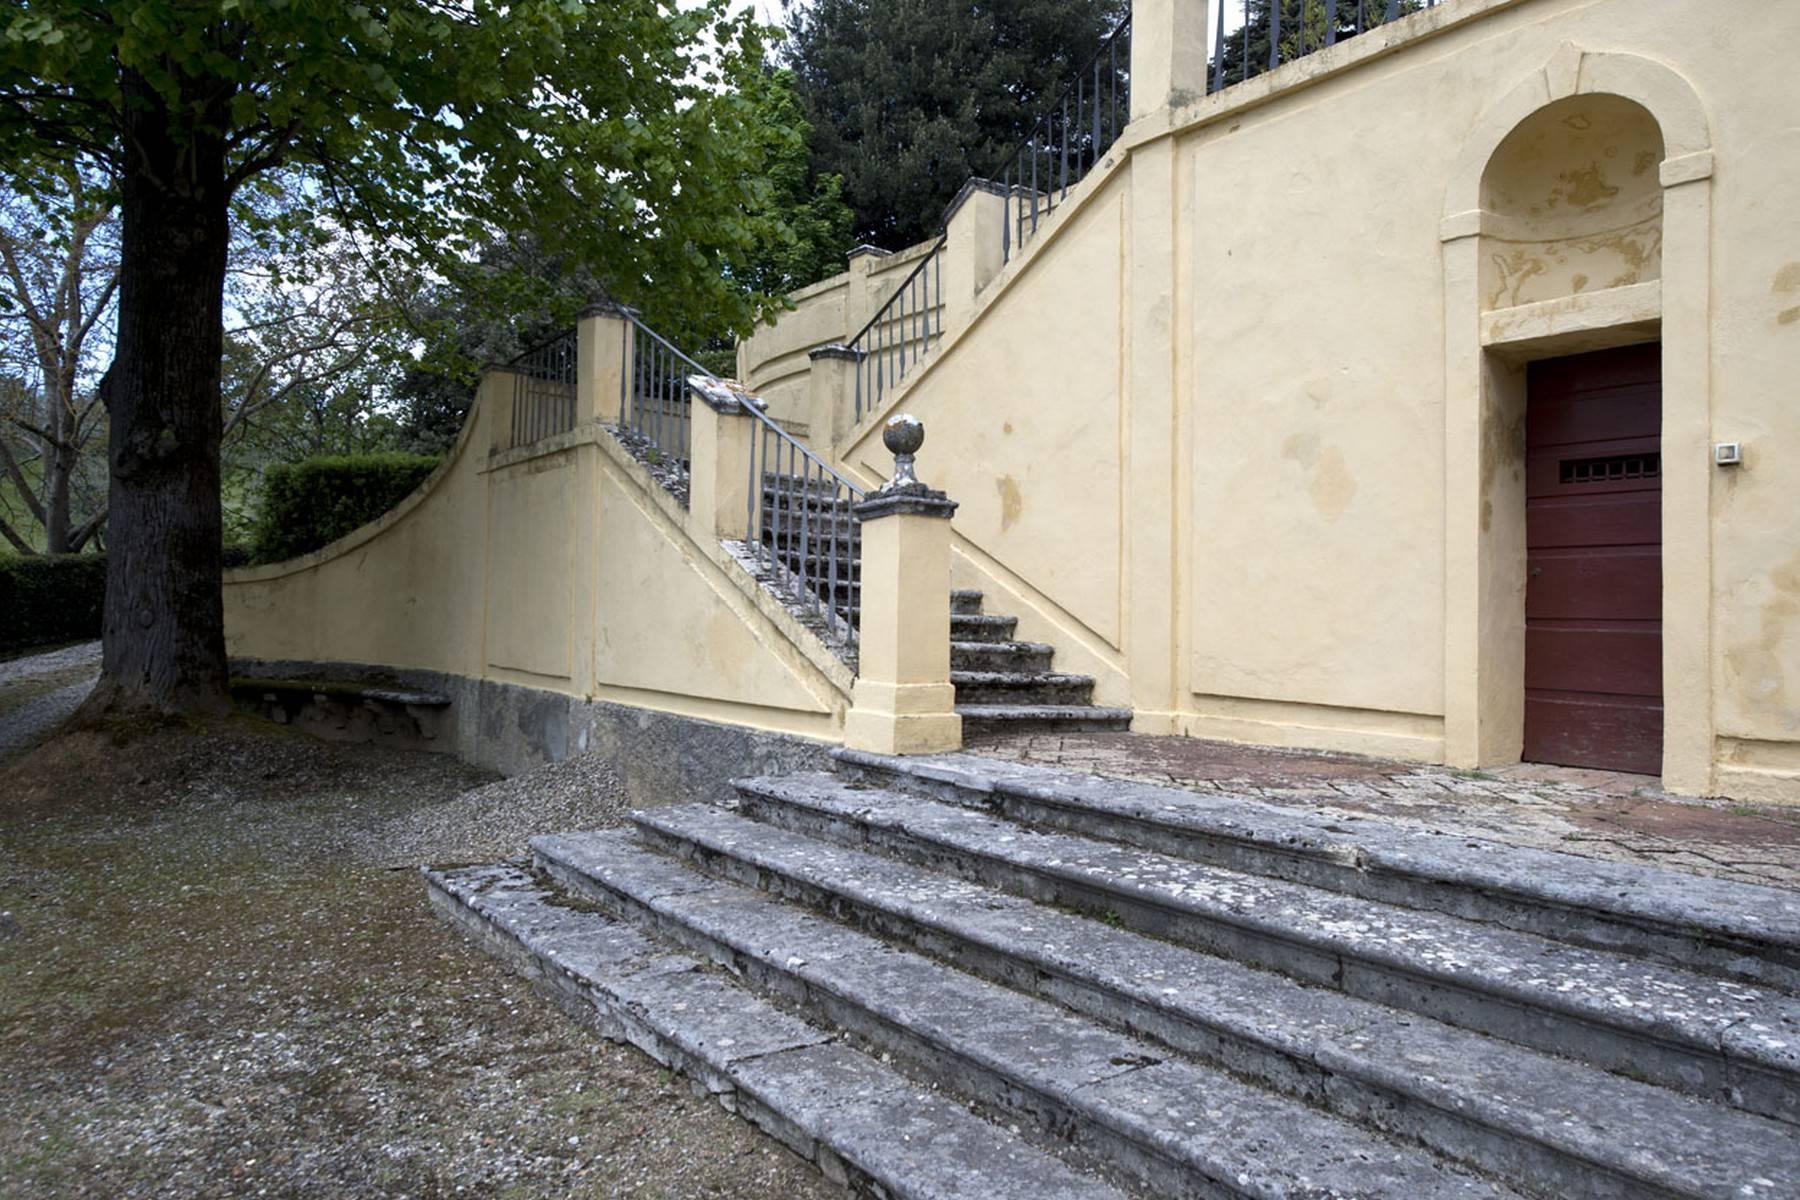 Villa aristocratique à vendre sur les collines de Sienne - 22